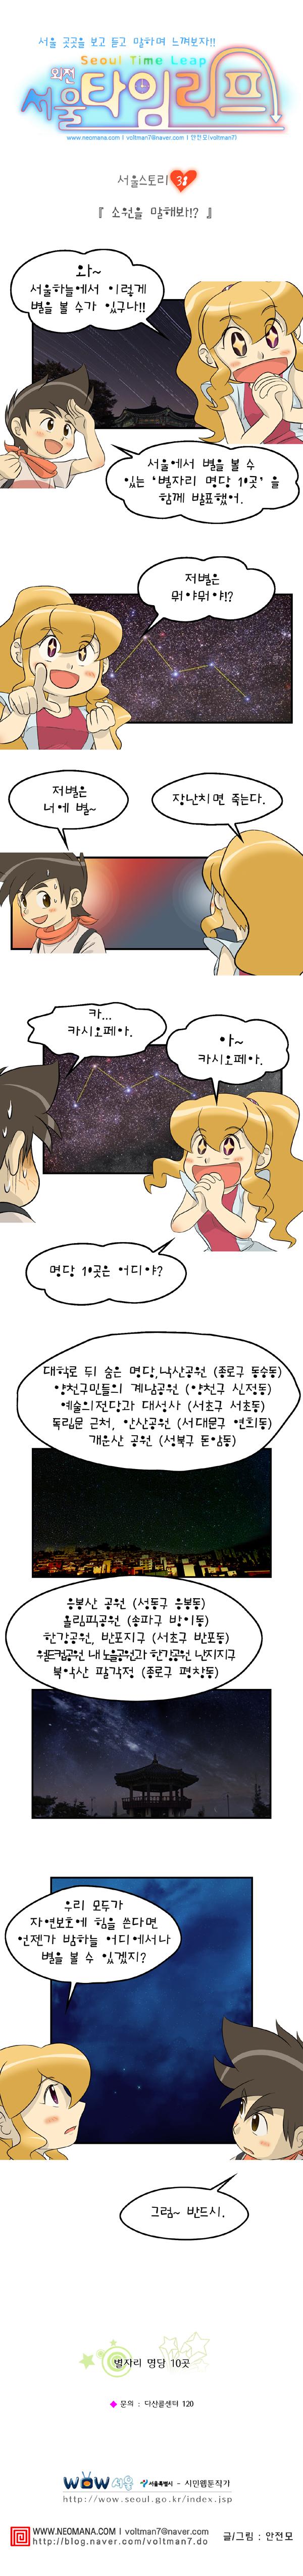 + 서울타임리프(외전) - 제38편『소원을 말해봐!!』+